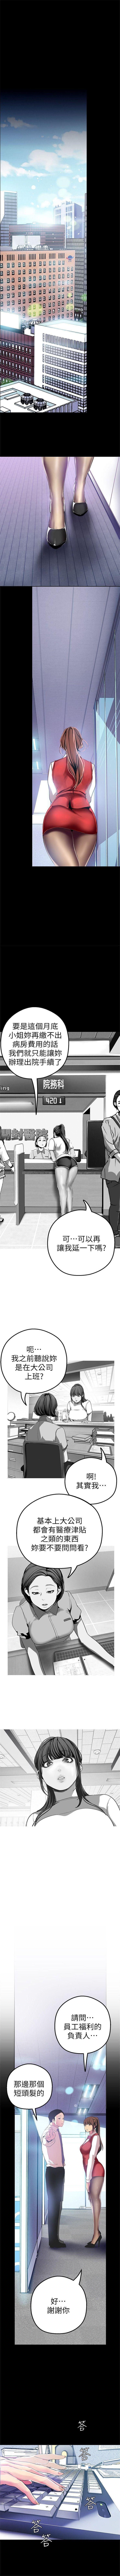 (周6)美丽新世界 1-61 中文翻译 (更新中) 213